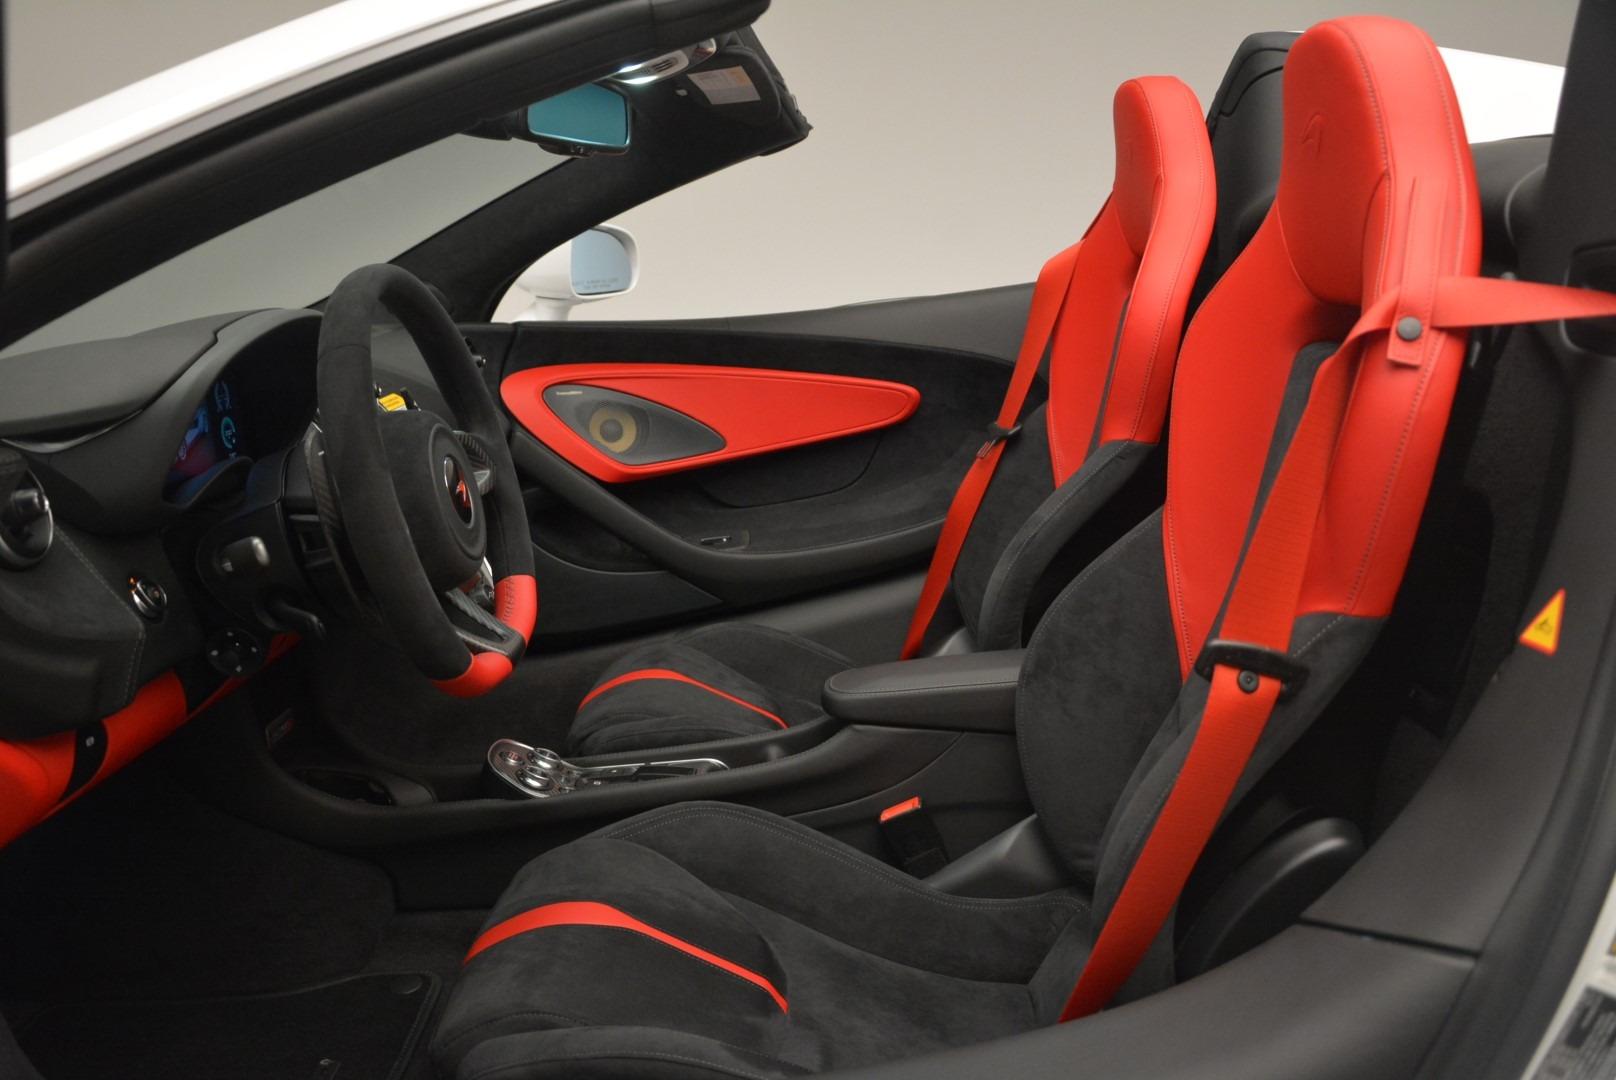 Used 2018 McLaren 570S Spider For Sale In Westport, CT 2341_p23